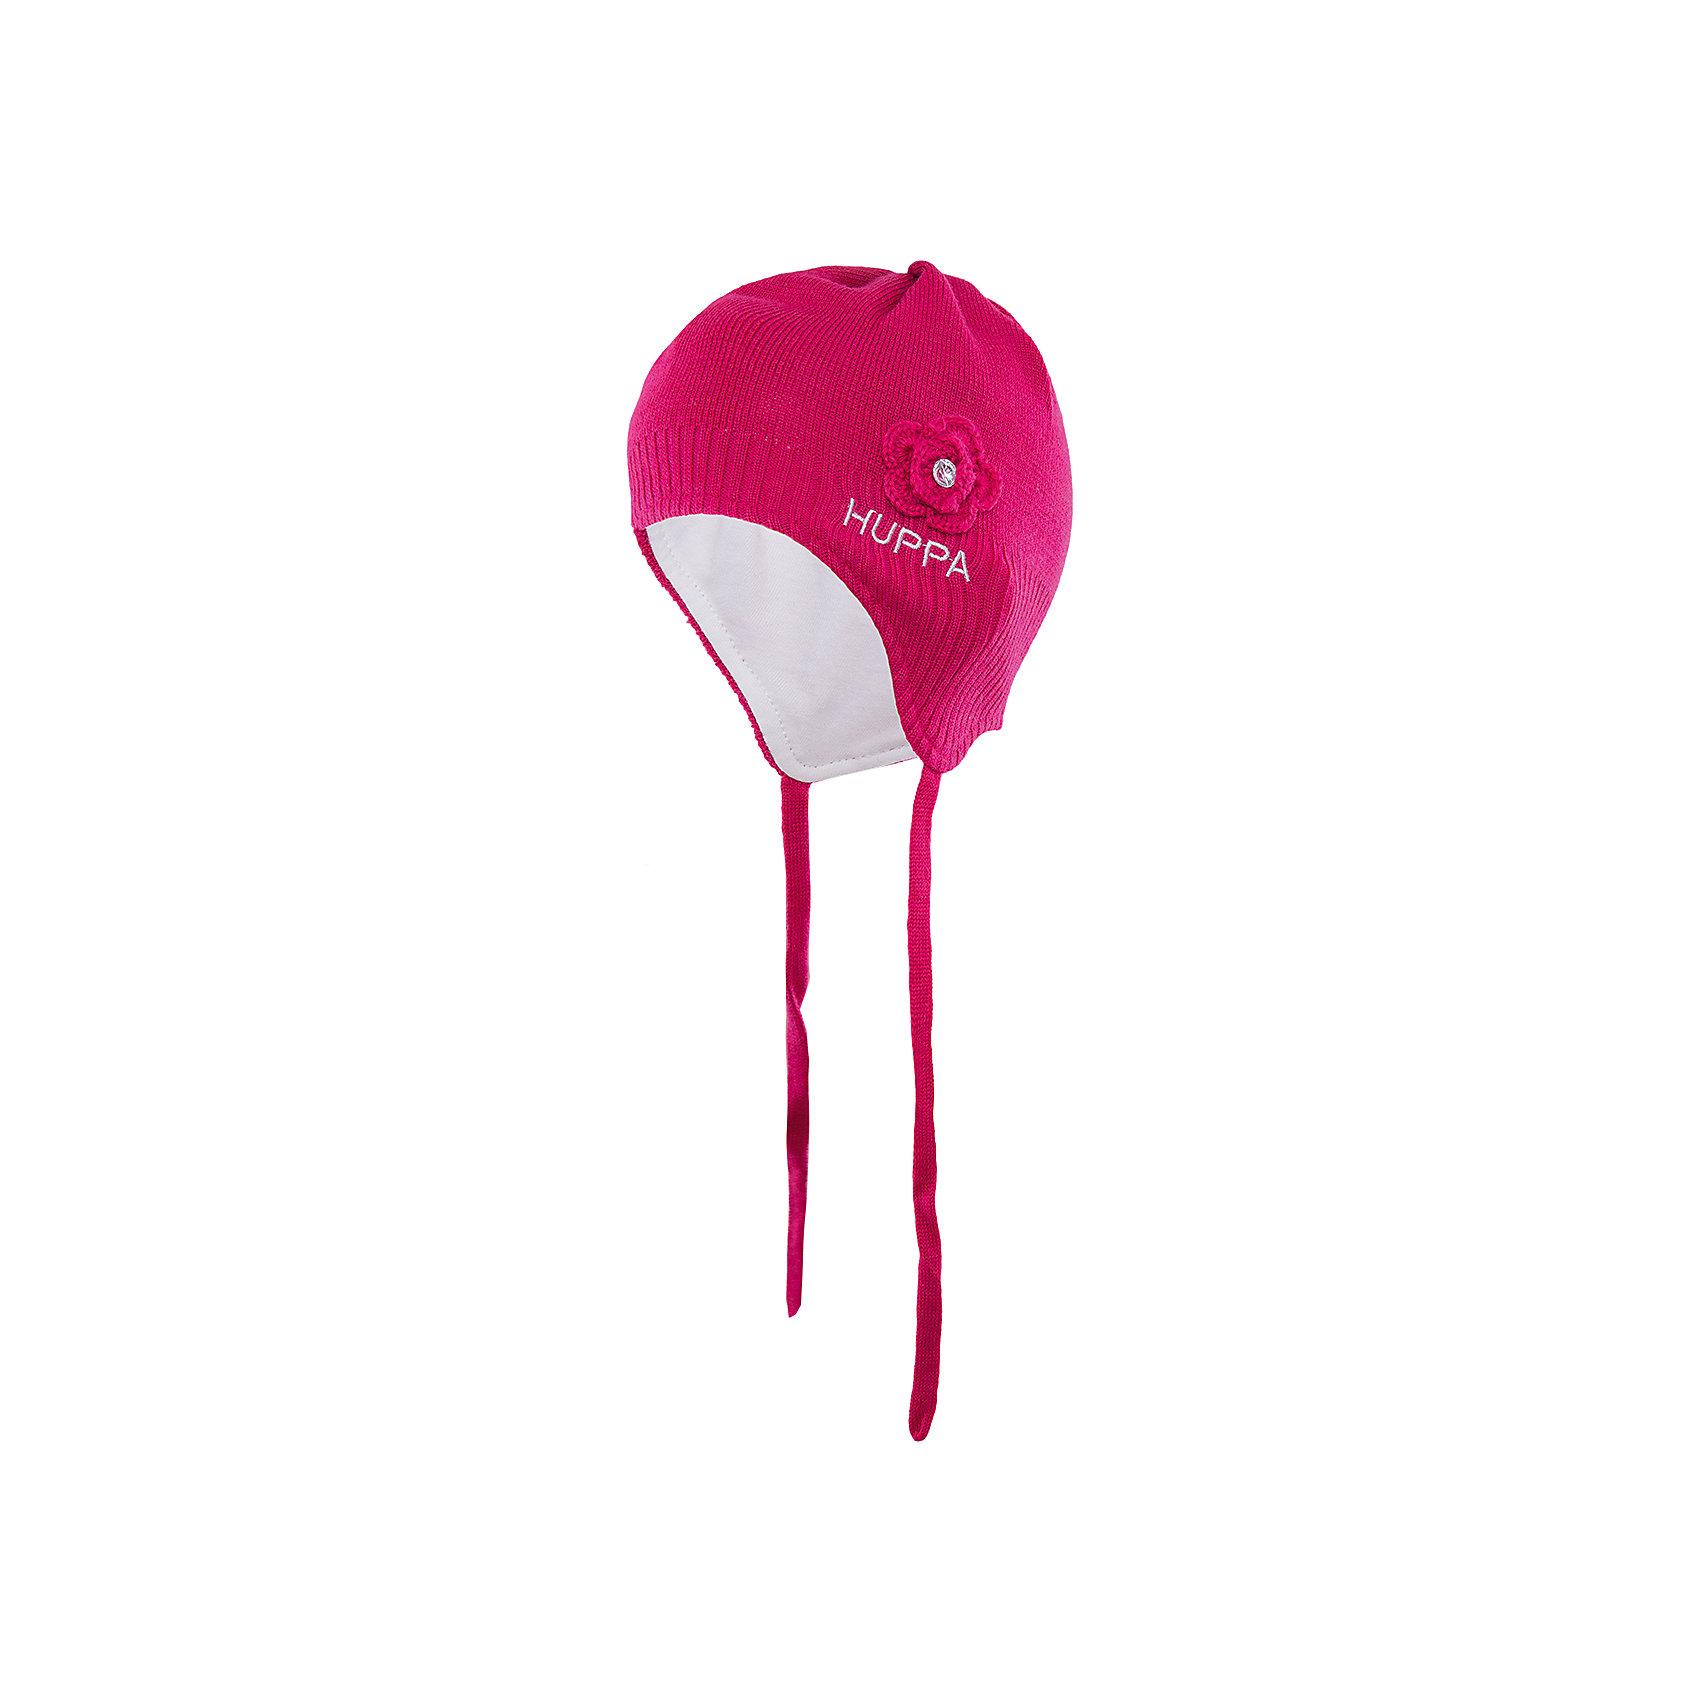 Шапка для девочки HuppaВязаная шапка LOORA Huppa(Хуппа) изготовлена из акрила с подкладкой из хлопка. Она отлично согреет девочку и защитит уши от ветра. Шапка имеет завязки и широкую резинку для более надежной фиксации. Модель украшена декоративным цветком со стразой. Прекрасны выбор для юных модниц!<br><br>Дополнительная информация:<br>Материал: 50% шерсть мериноса, 50% акрил<br>Подкладка: хлопок<br>Цвет: фуксия<br><br>Вы можете приобрести шапку LOORA Huppa(Хуппа) в нашем интернет-магазине.<br><br>Ширина мм: 89<br>Глубина мм: 117<br>Высота мм: 44<br>Вес г: 155<br>Цвет: розовый<br>Возраст от месяцев: 9<br>Возраст до месяцев: 12<br>Пол: Женский<br>Возраст: Детский<br>Размер: 43-45,51-53,47-49<br>SKU: 4923842